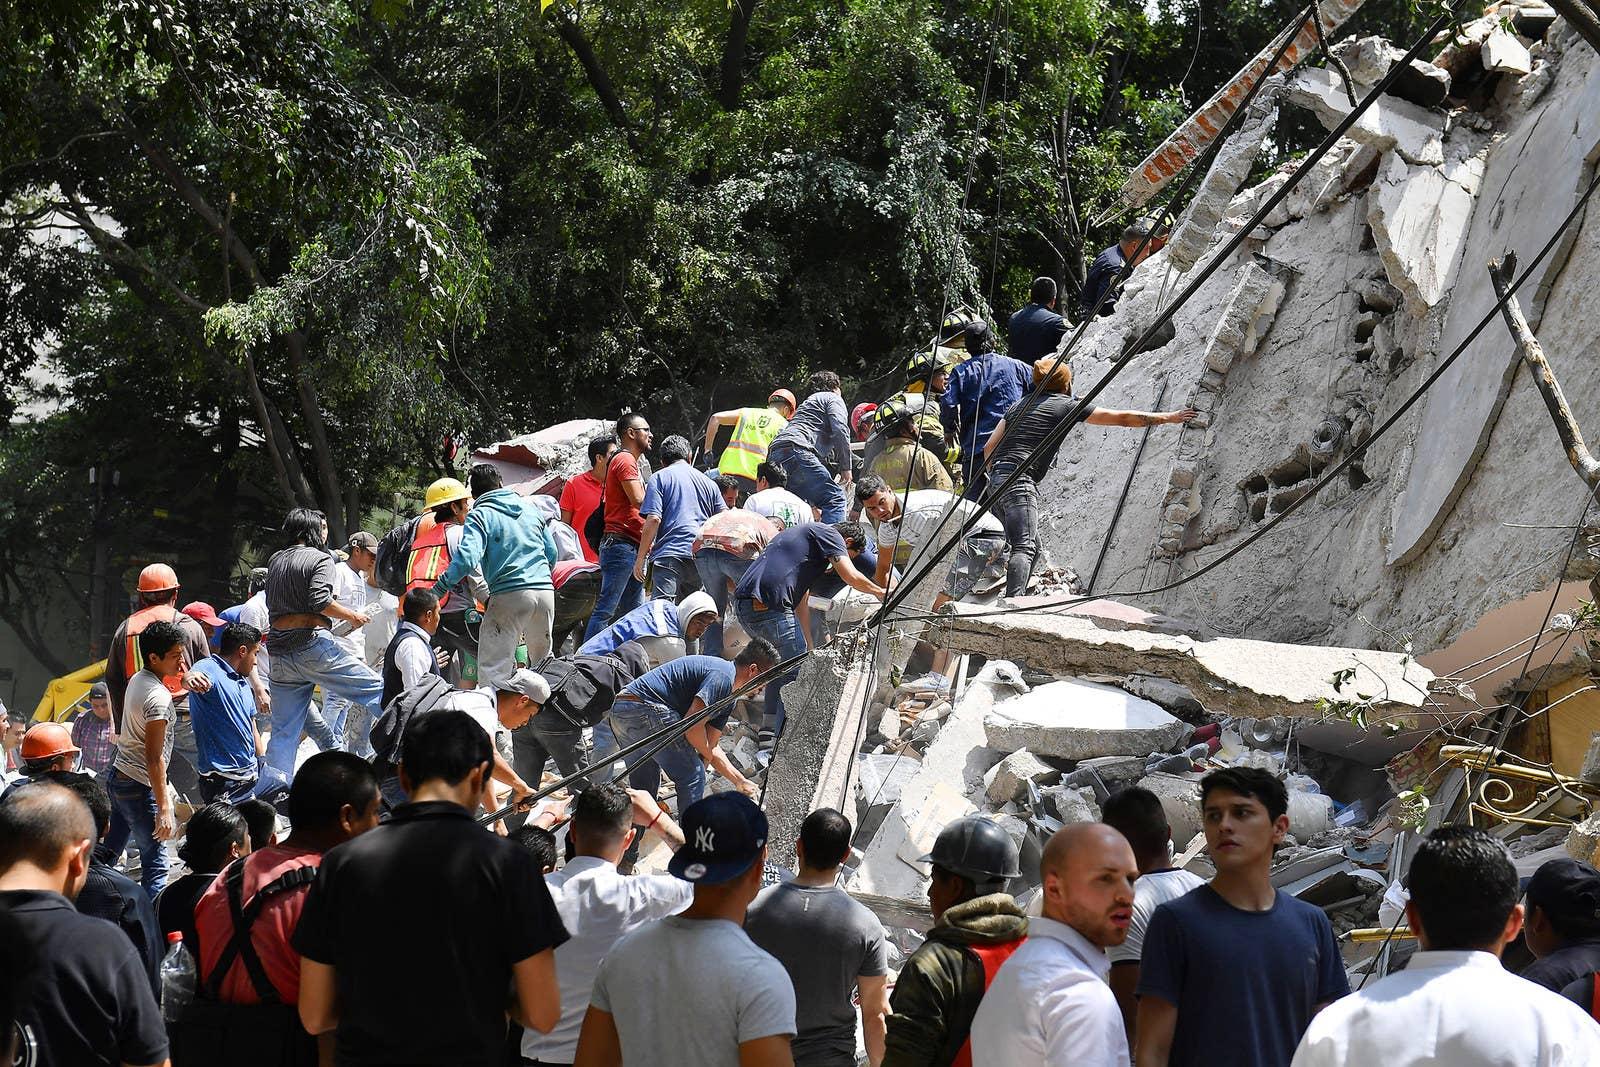 Personas remueven los escombros de un edificio colapsado en busca de posibles víctimas.